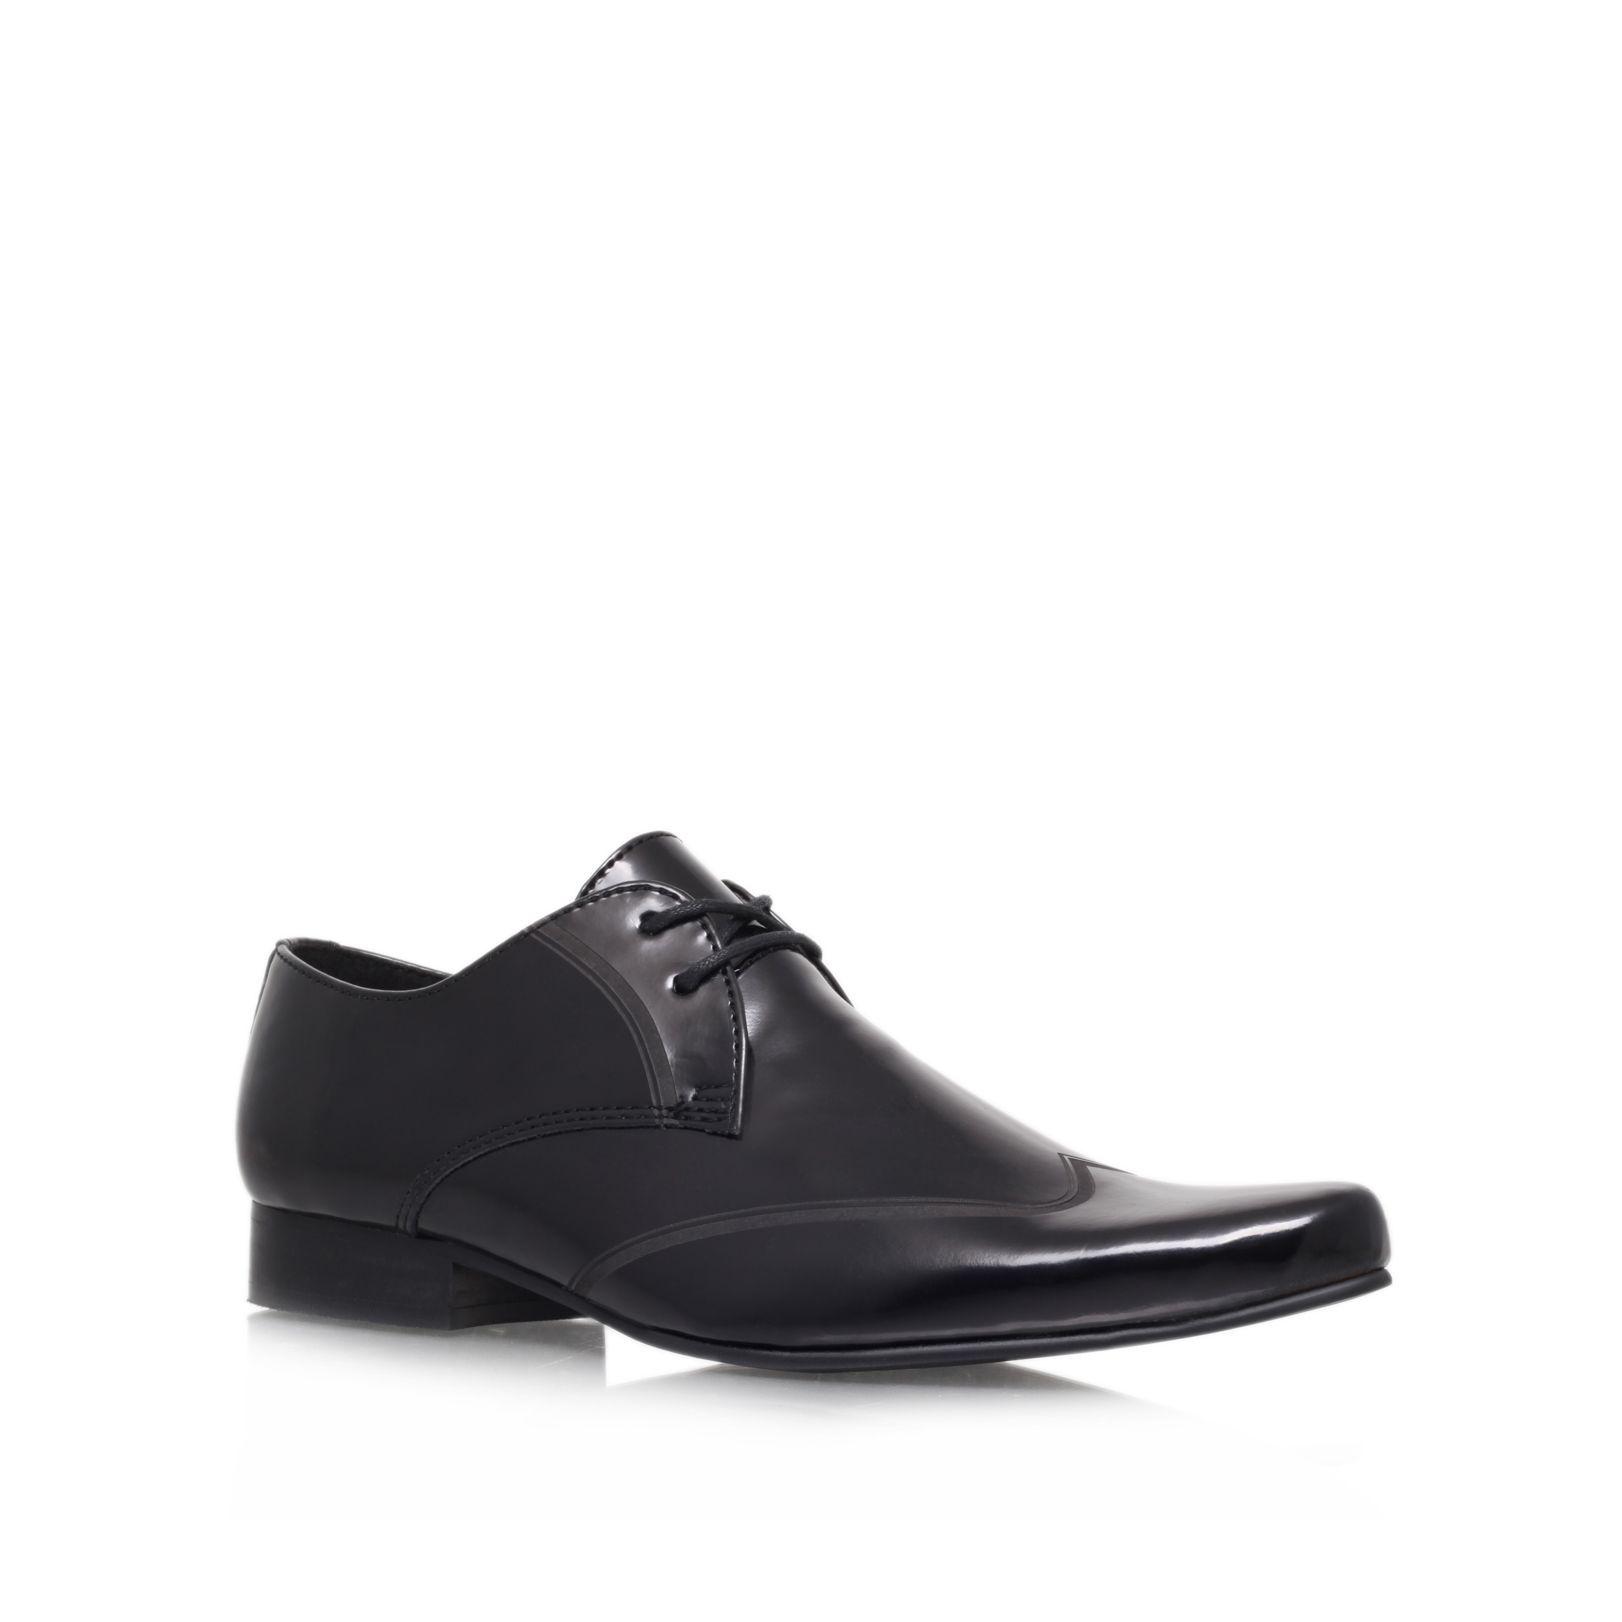 KG Gould Lace-Up Formal Shoe, Black